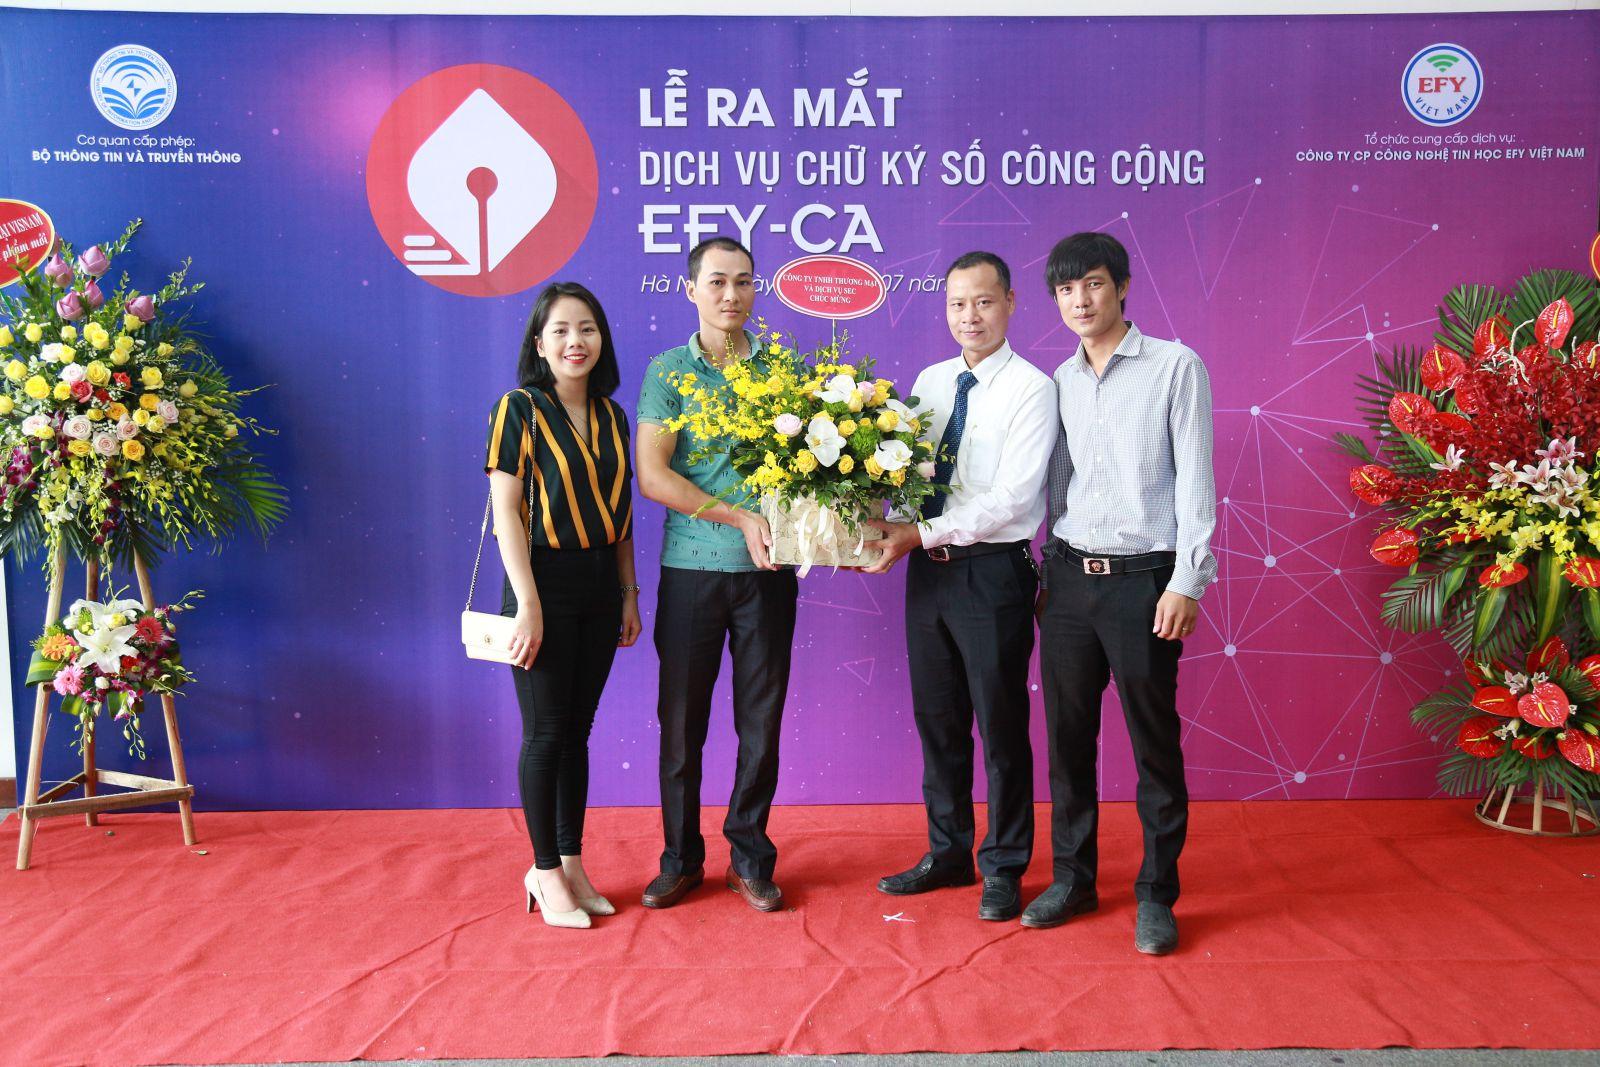 EFY Việt Nam chính thức ra mắt thị trường dịch vụ chữ ký số công cộng EFY CA